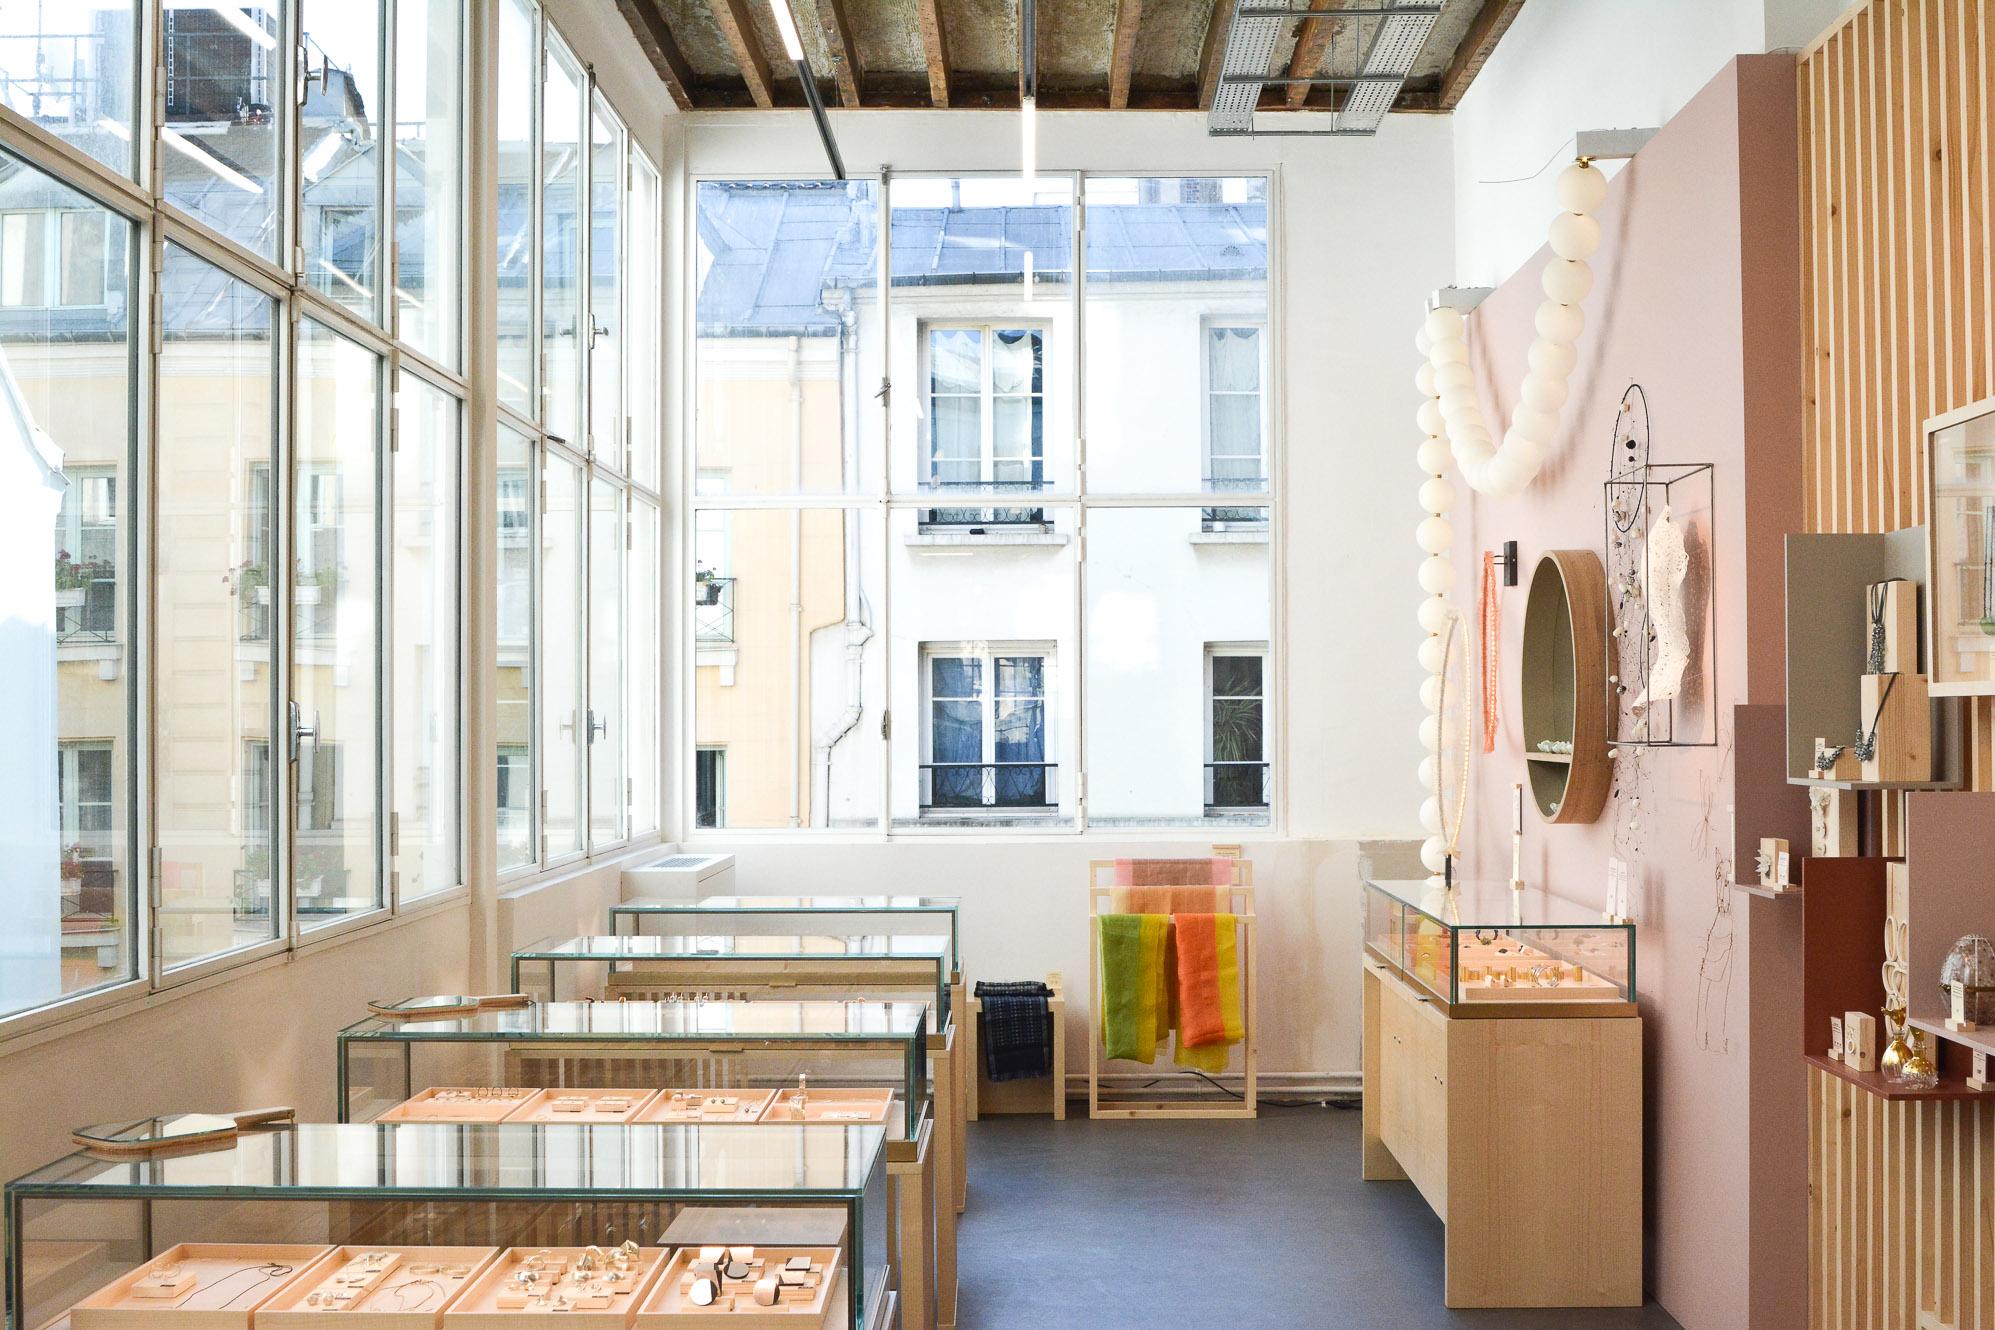 empreintes paris concept store artisanat le polyedre 21. Black Bedroom Furniture Sets. Home Design Ideas